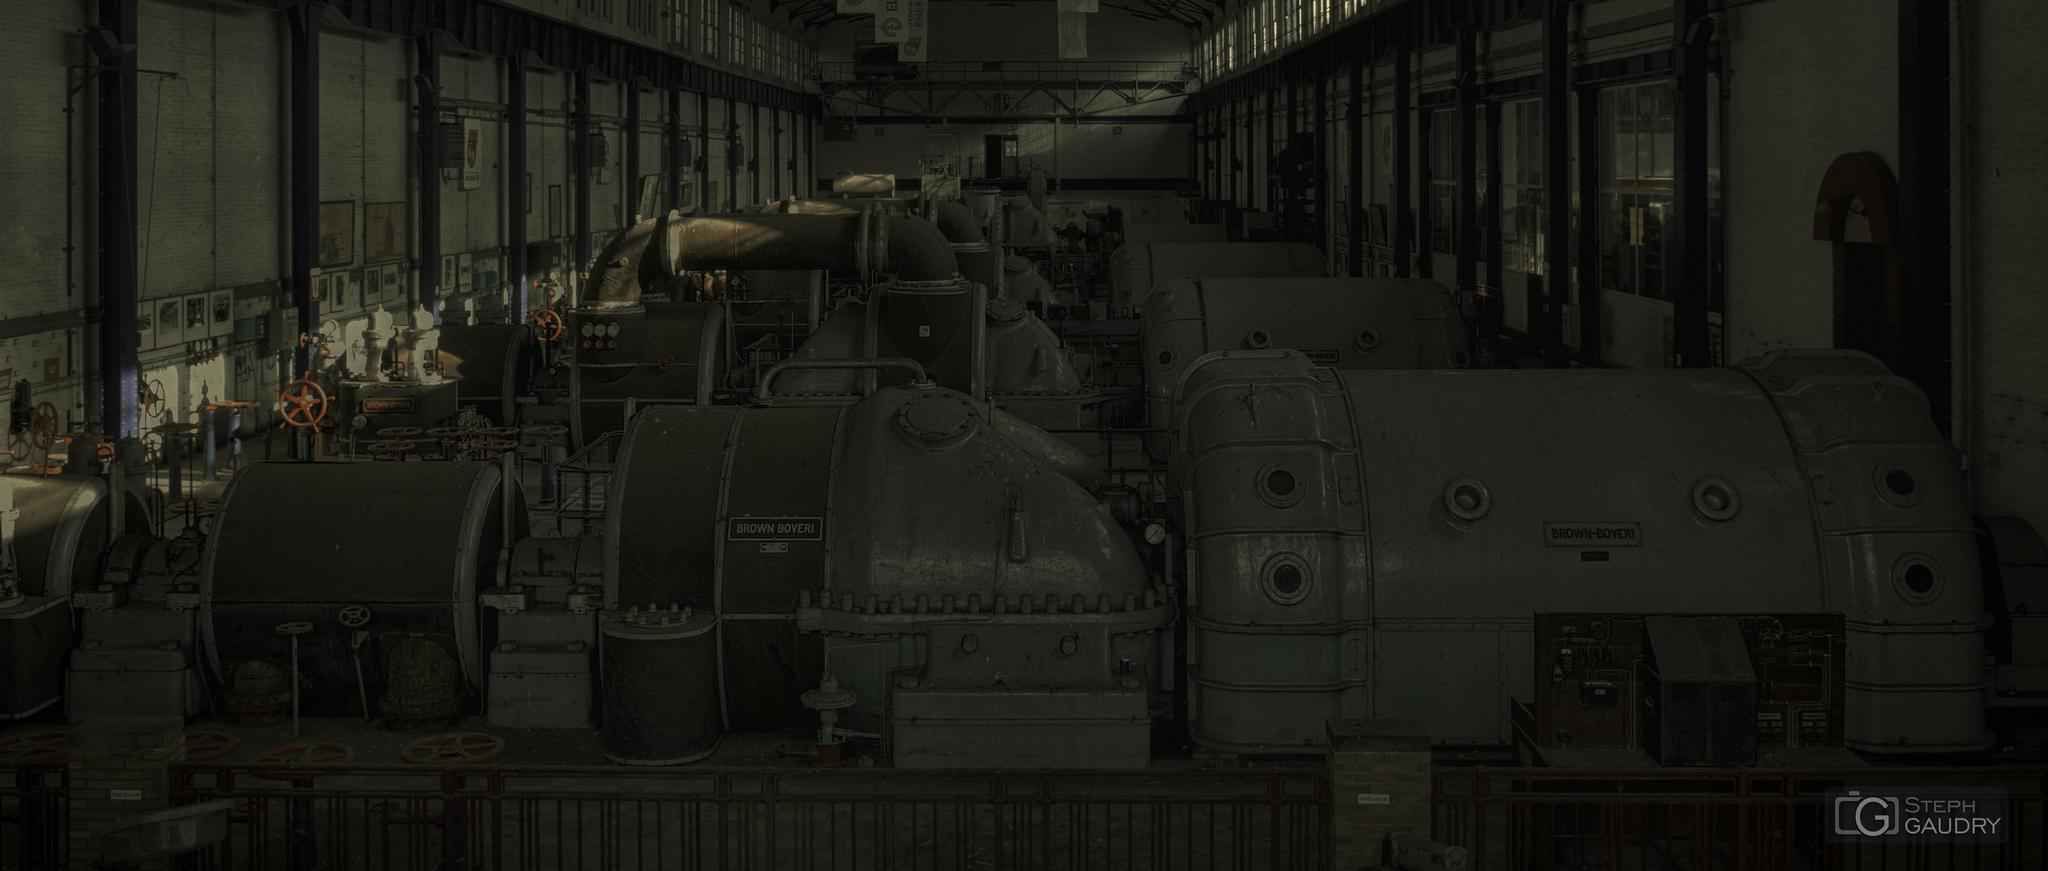 Turbines - BROWN BOVERI [Cliquez pour lancer le diaporama]